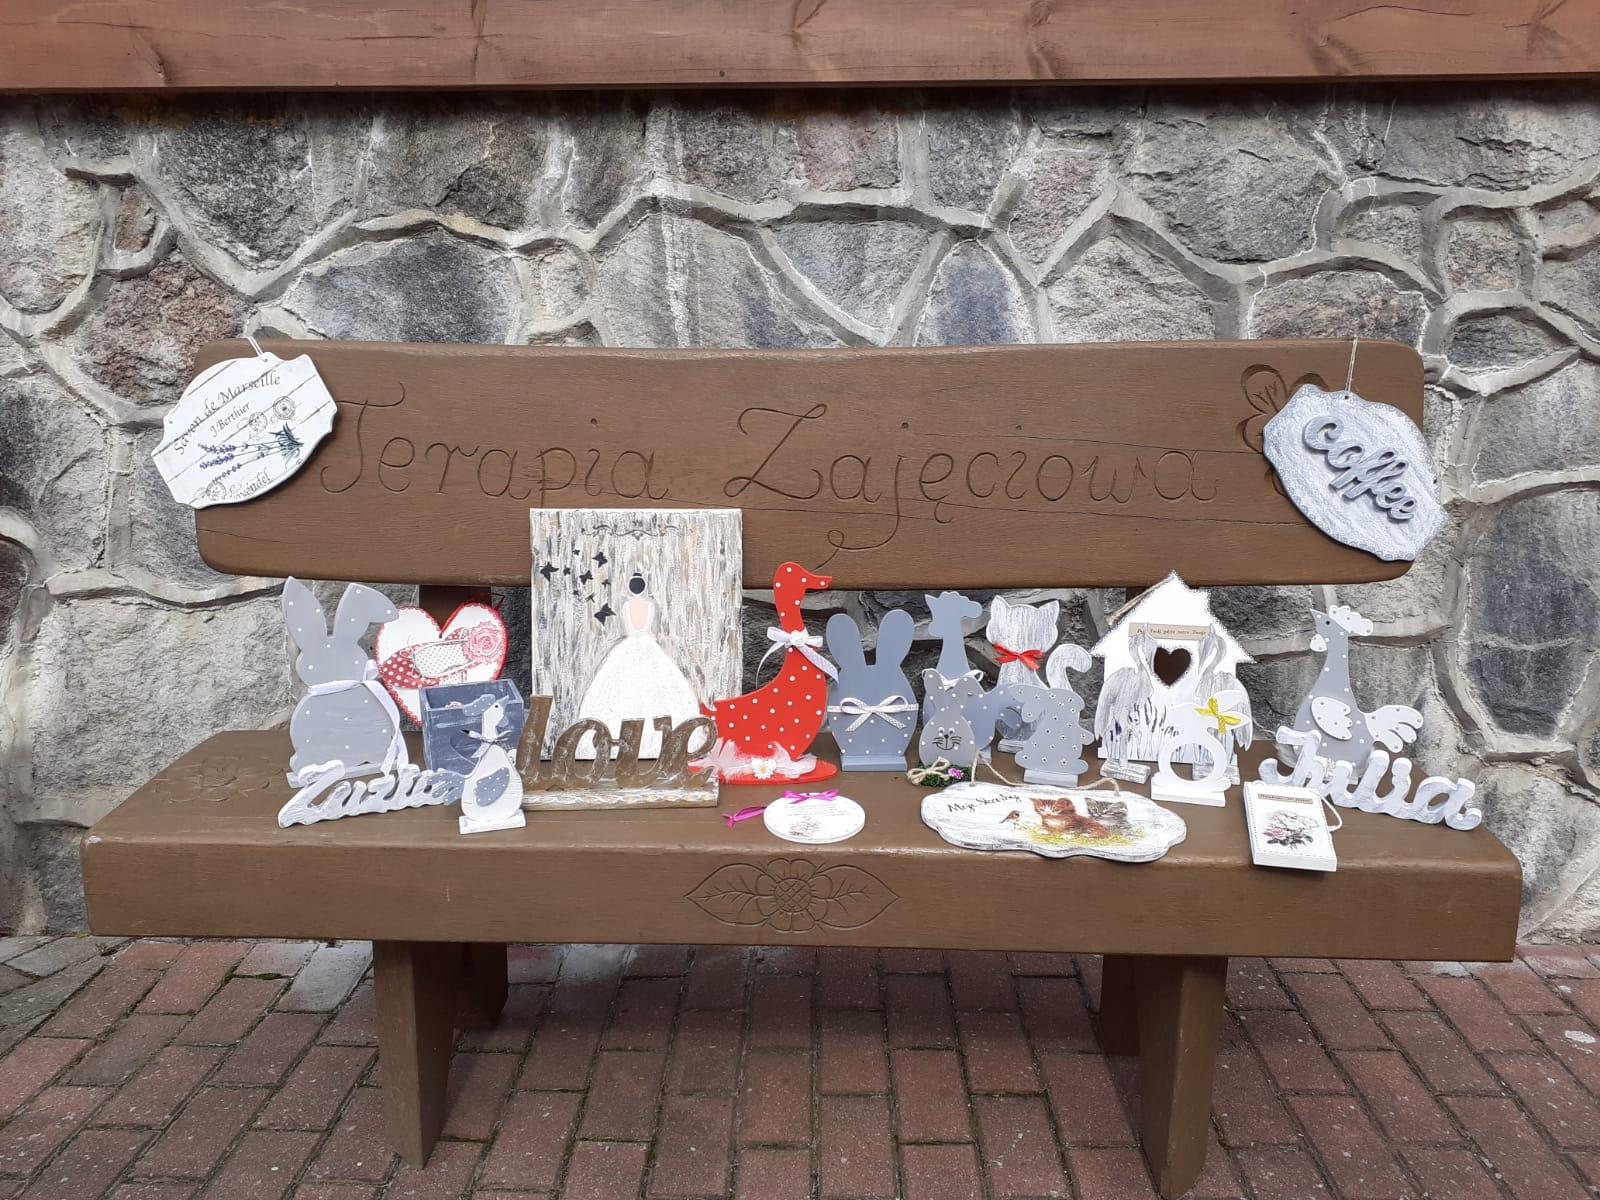 """Na drewnianej ławeczce z napisem """"terapia zajęciowa"""" leżą rękodzieła wykonane z drewna, kaczki, koguty, kotki, napis love i parę innych."""